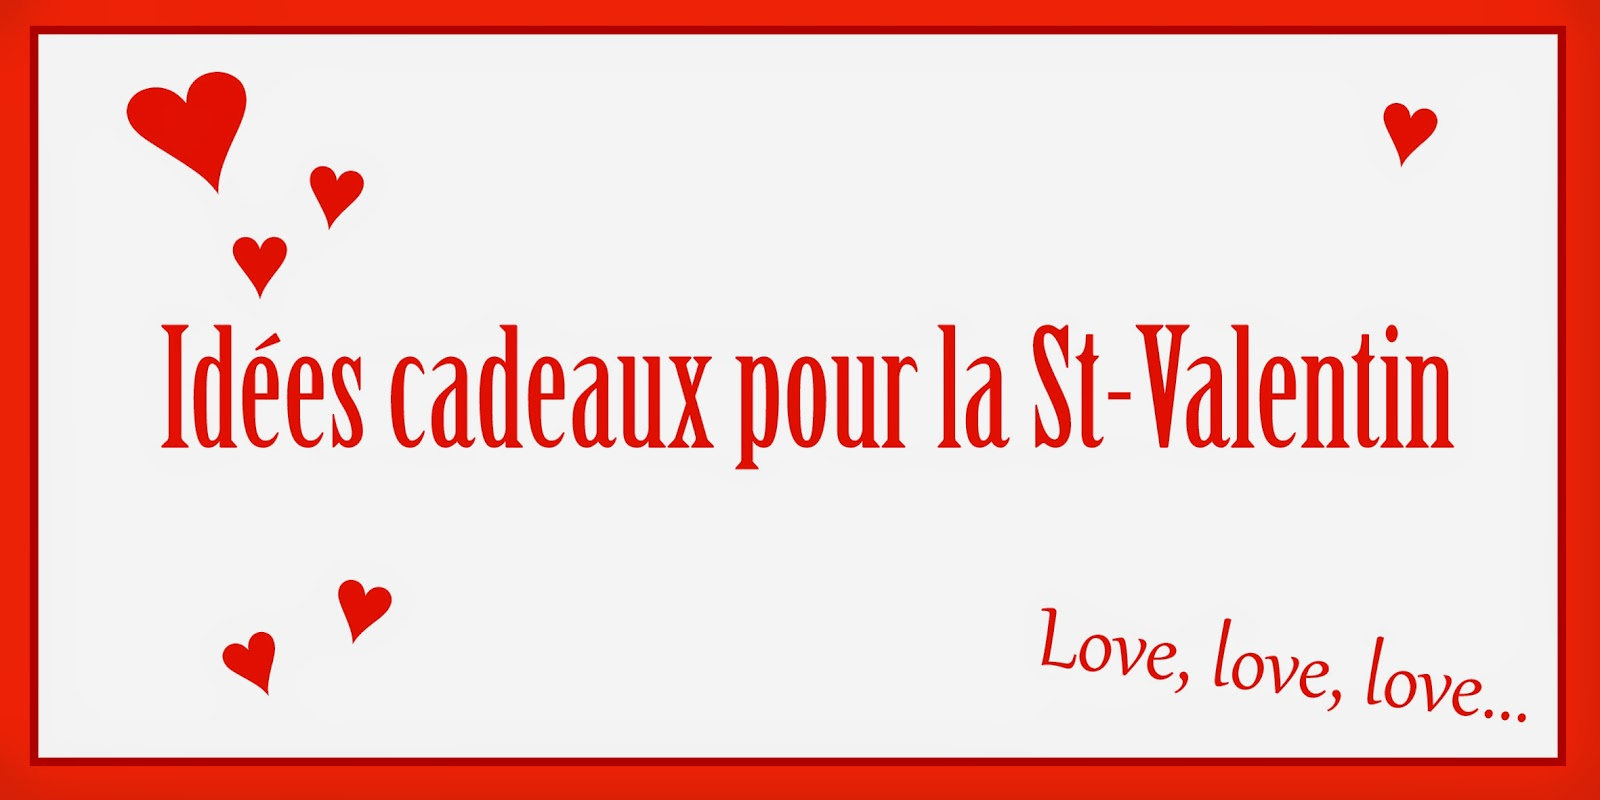 Id es cadeaux id es cadeaux pour la st valentin for Idees cadeaux homme st valentin